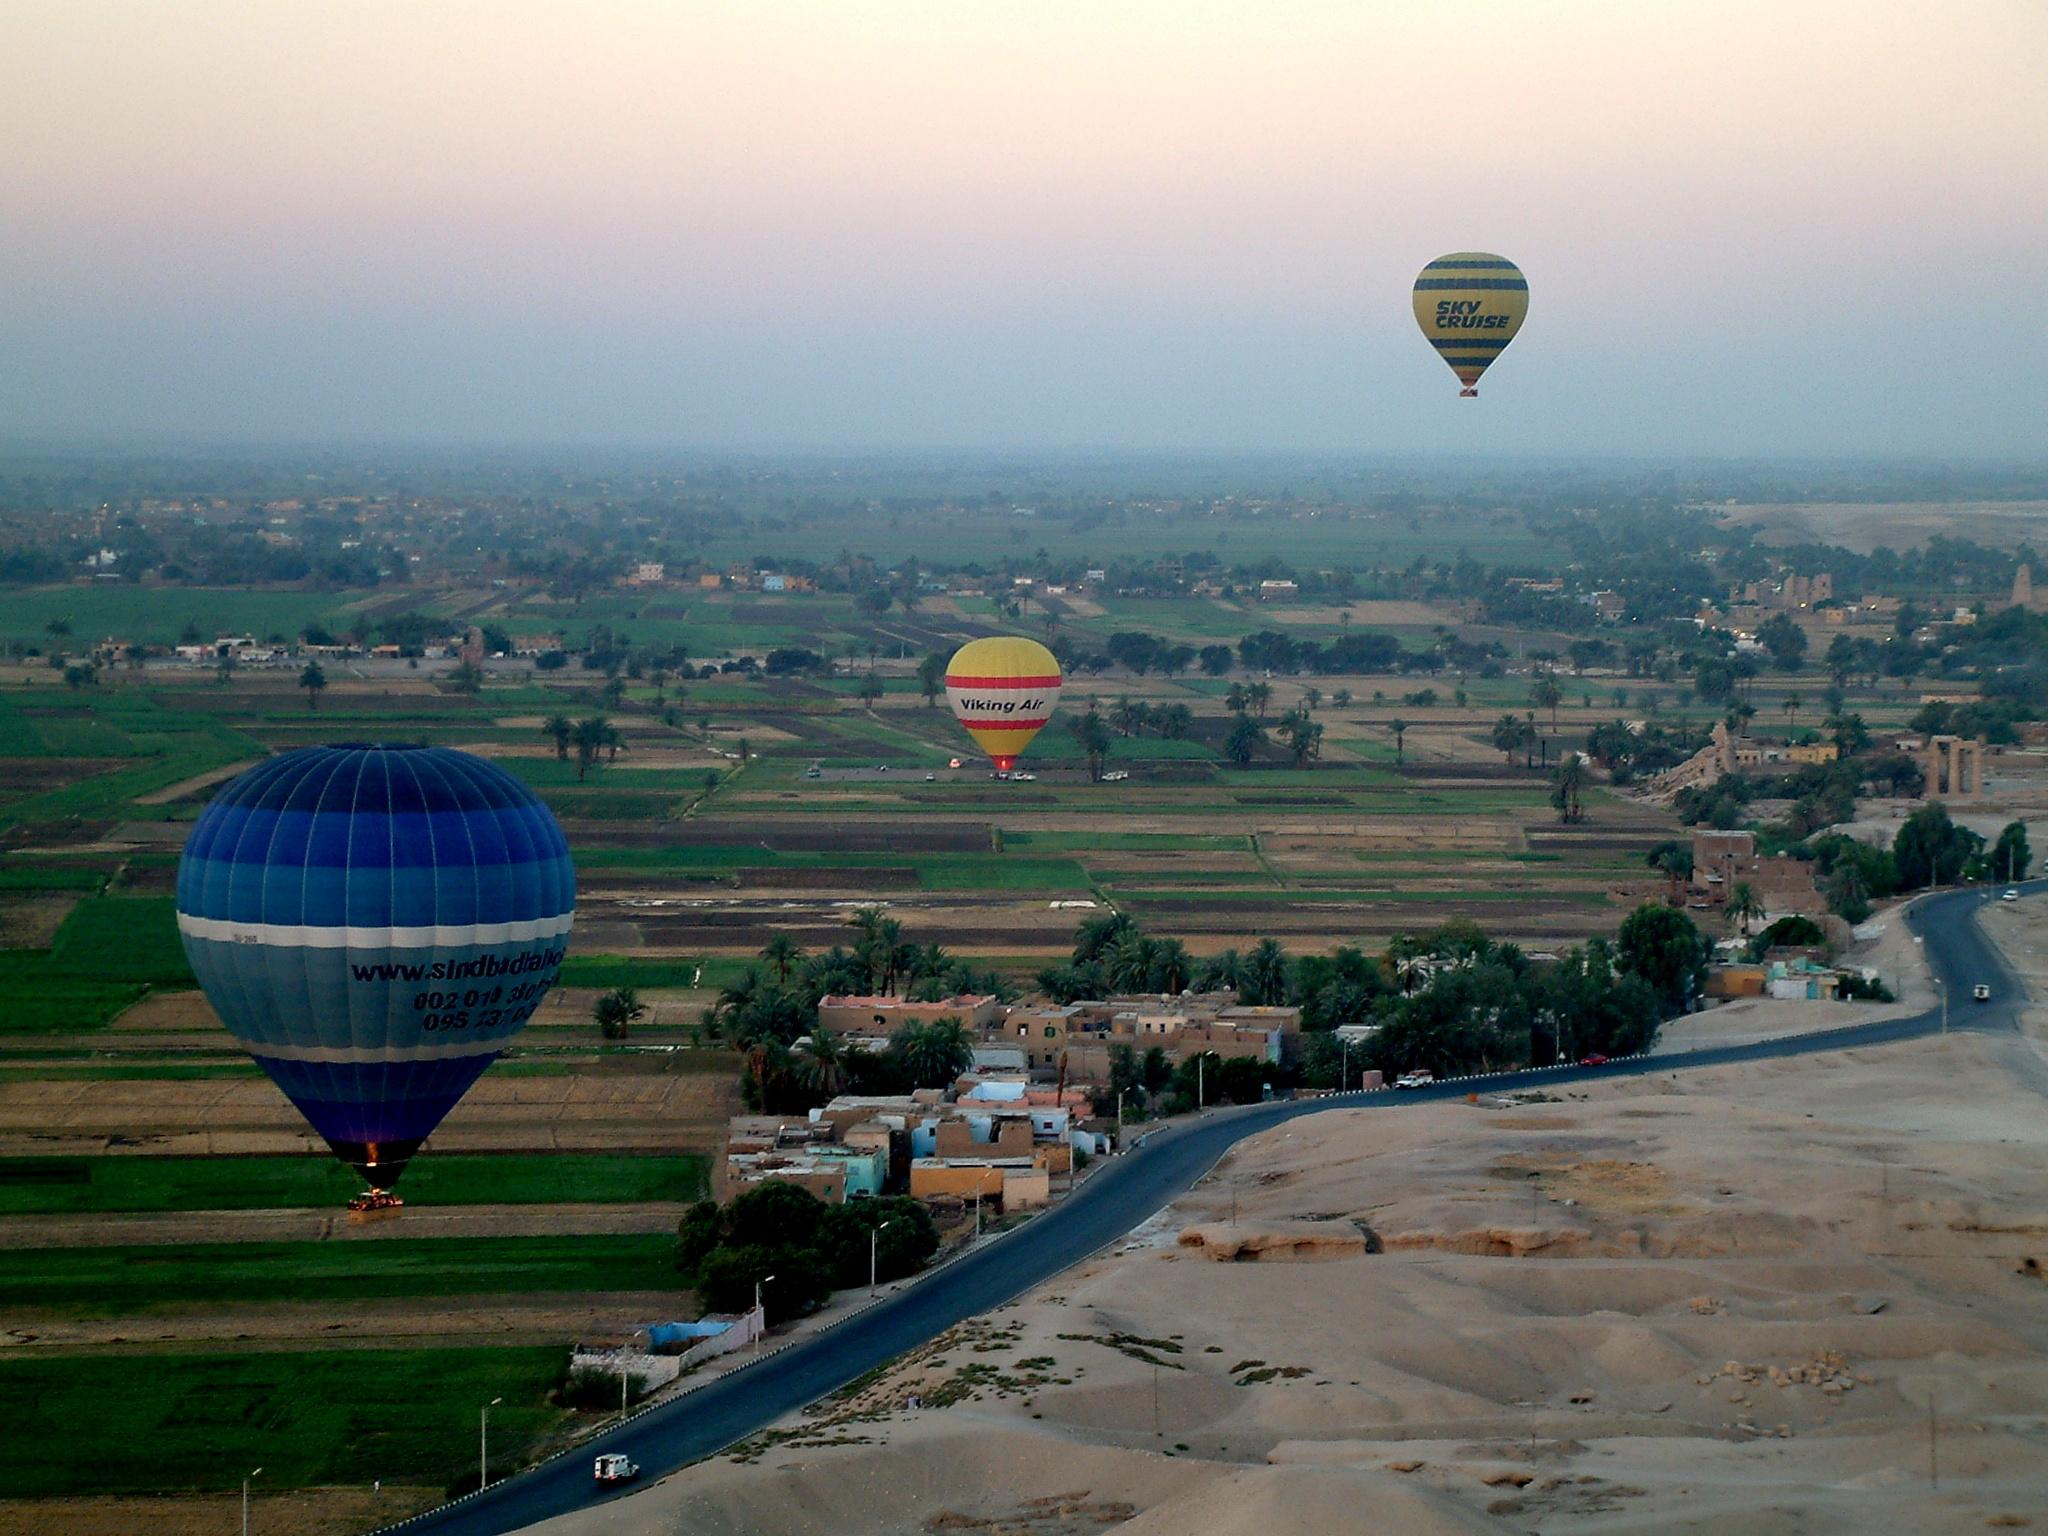 Hot air balloon over farmland in Egypt